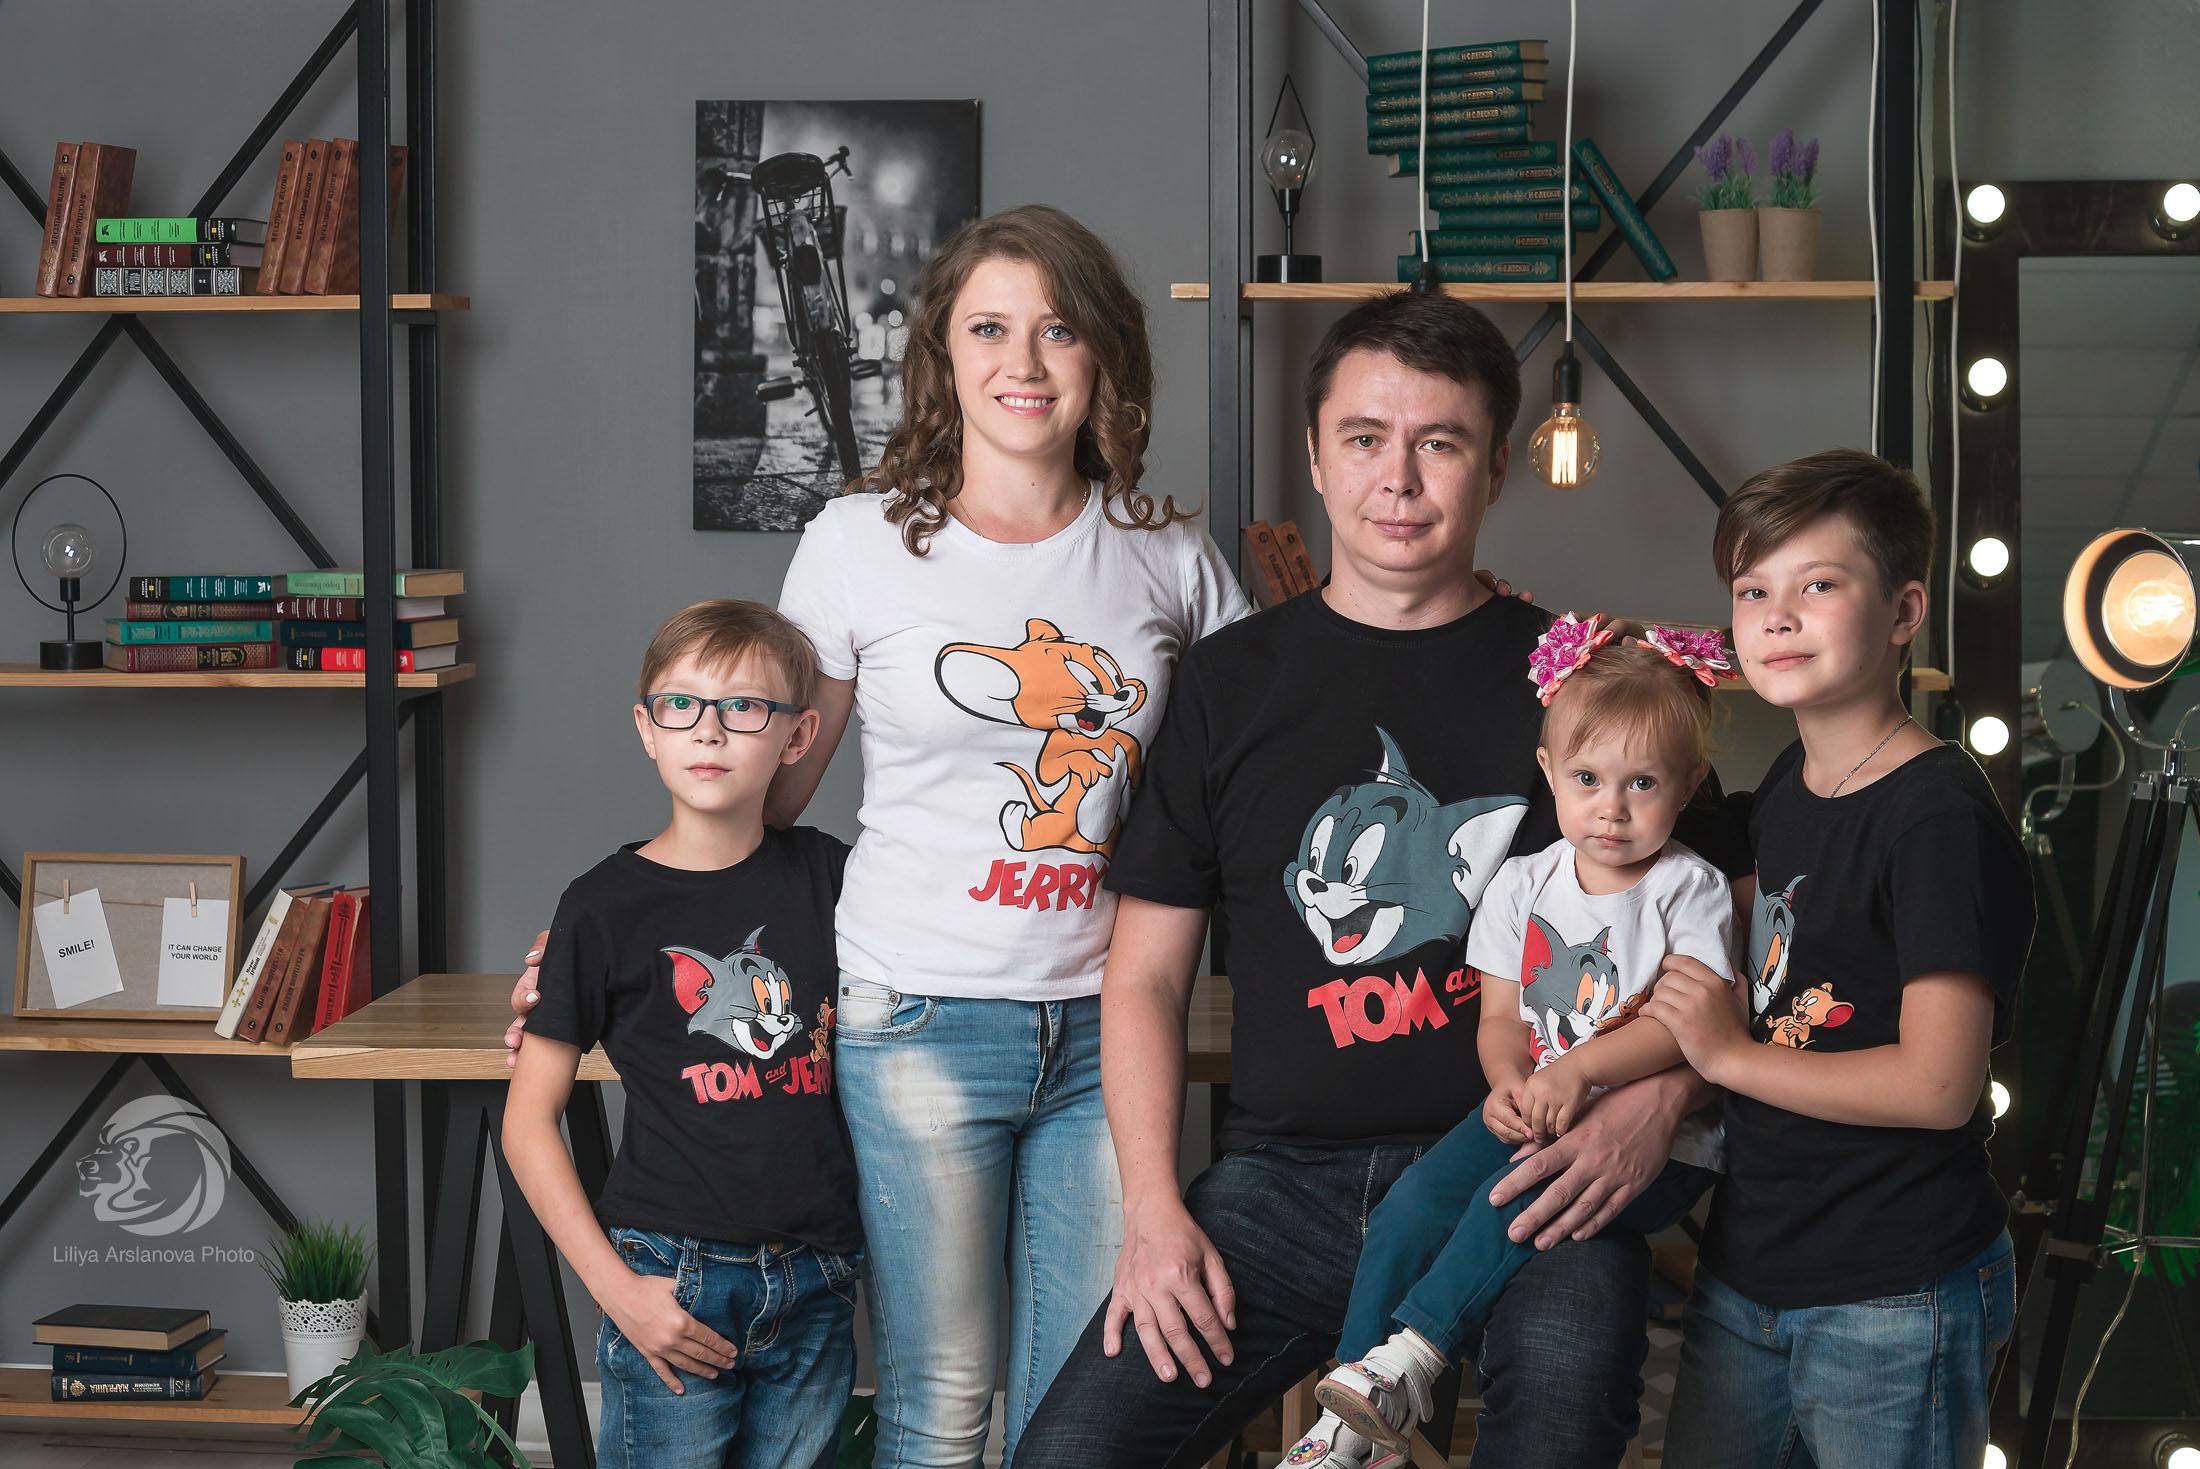 семейная фотосессия в Стерлитамаке, фотосессия стерлитамак заказать, фотостудия стерлитамак, заказать съемку в фотостудии Стерлитамак, фотограф Лилия Арсланова